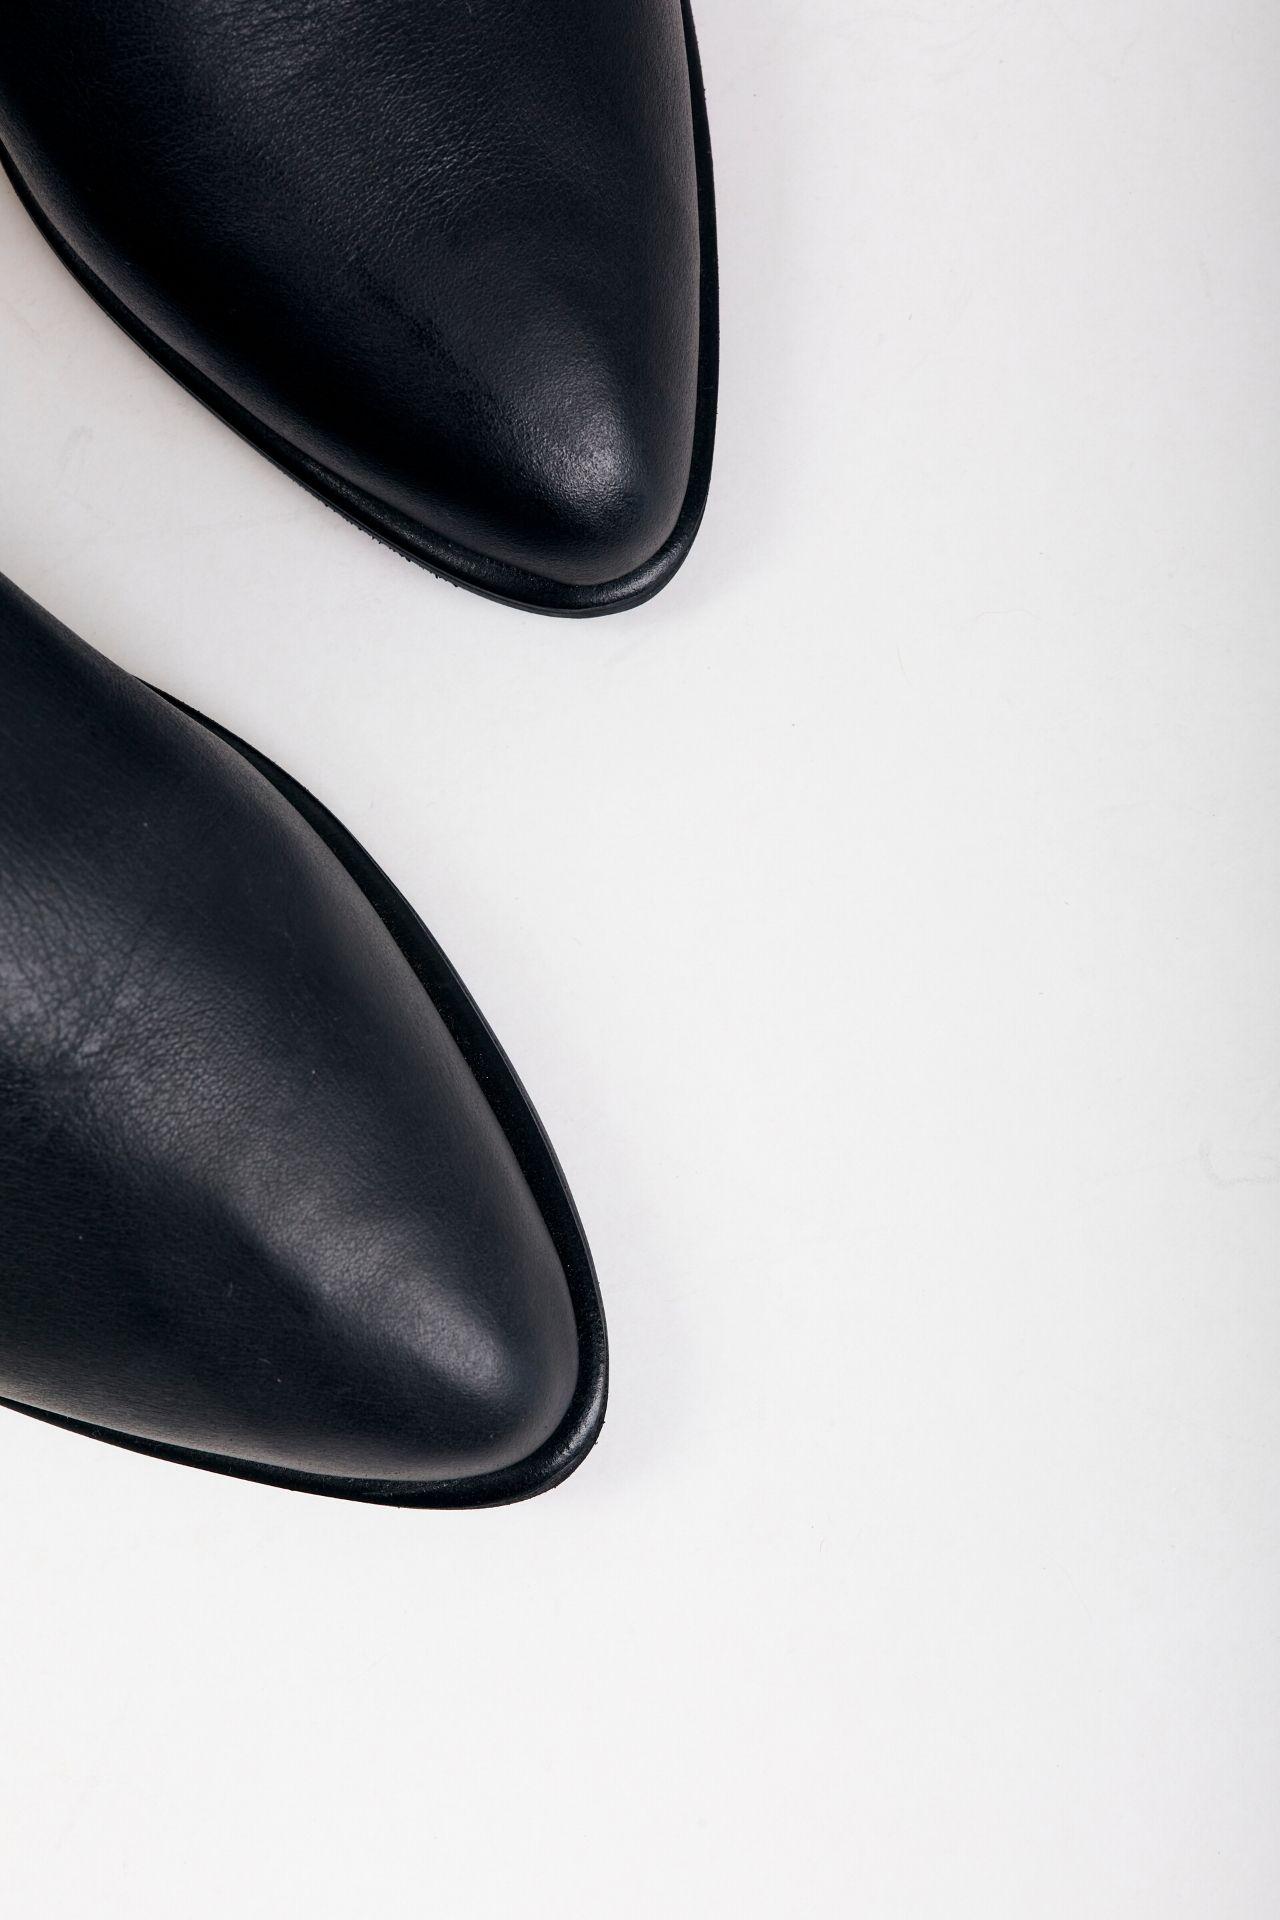 *Entrega de producto: 1 semana.  Botines chatos de cuero negro  CAPELLADA: CUERO NATURAL / FORRO: BADANA NATURAL / ALTURA TACO: 2,5cm